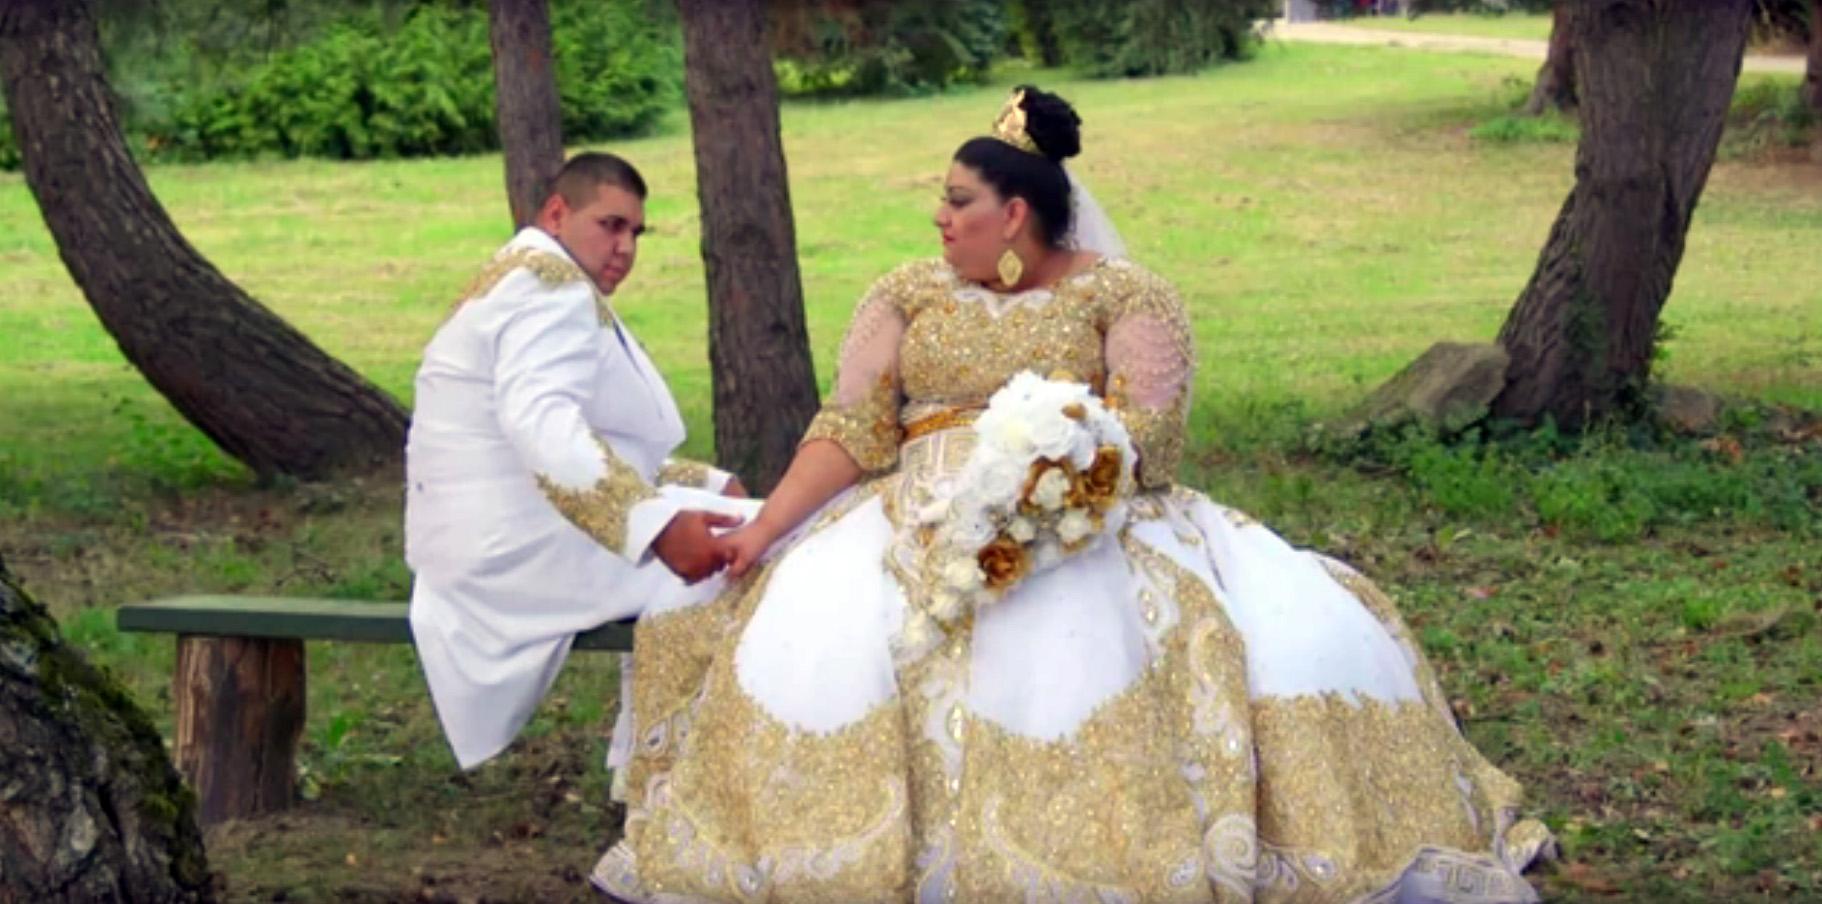 Окей google цыганские свадьбы видео